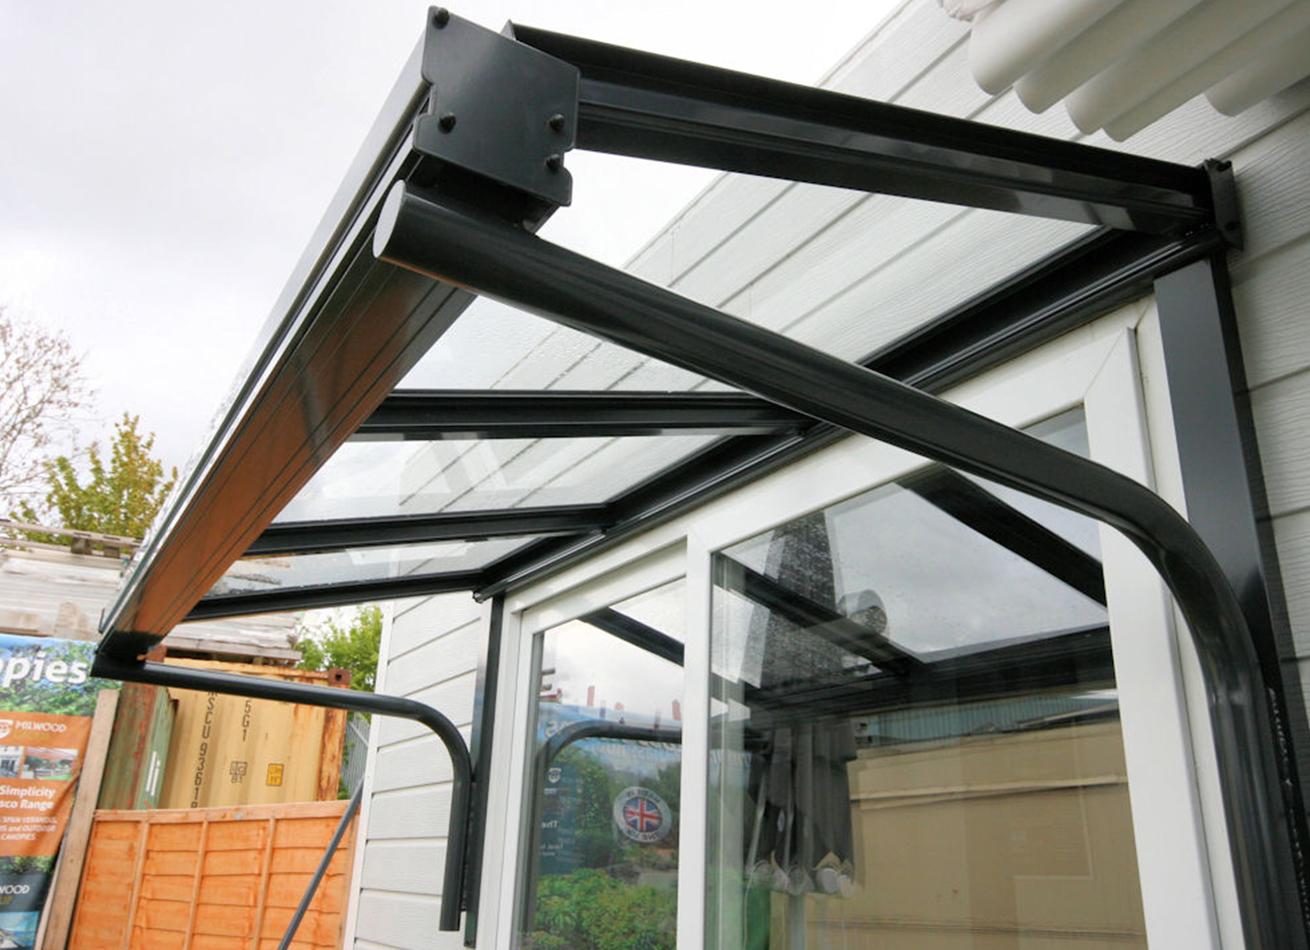 Glazing Trade Supplies Simplicity 6 Glass Entrance Canopy Veranders